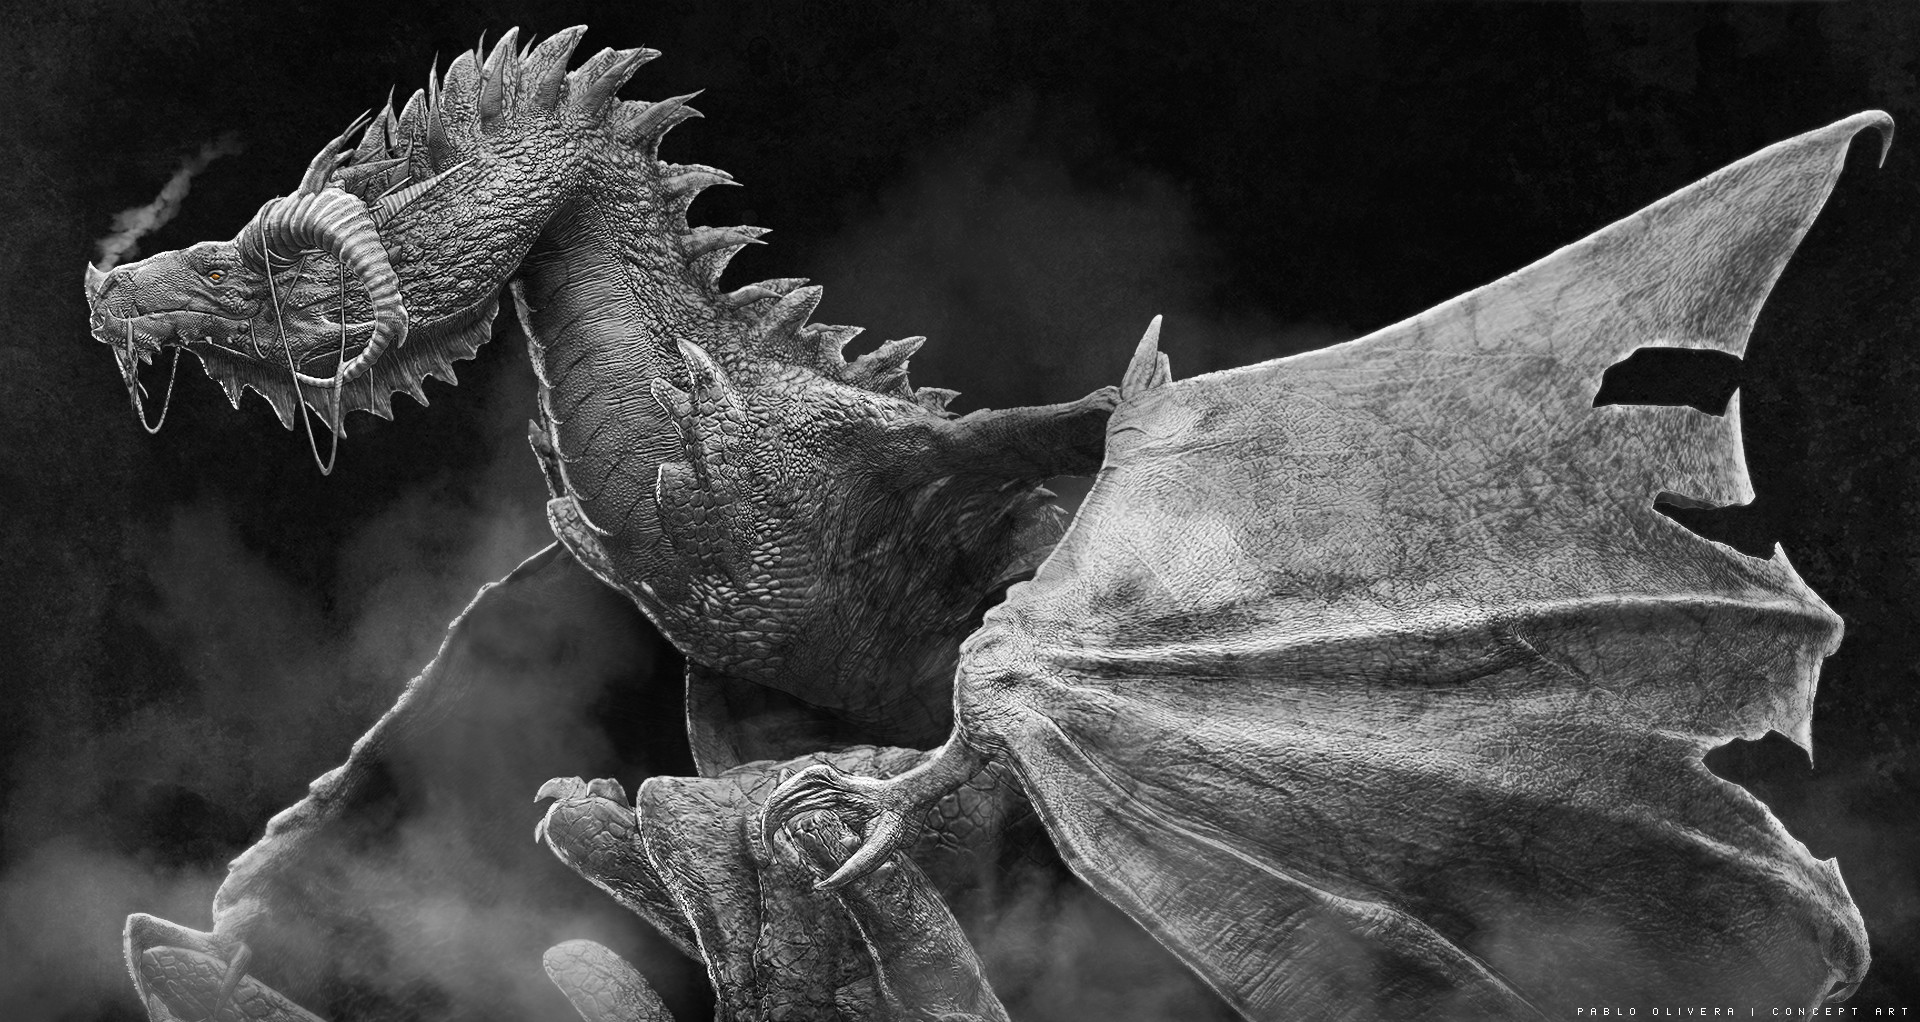 Pablo olivera dragones wacom zbrush 03